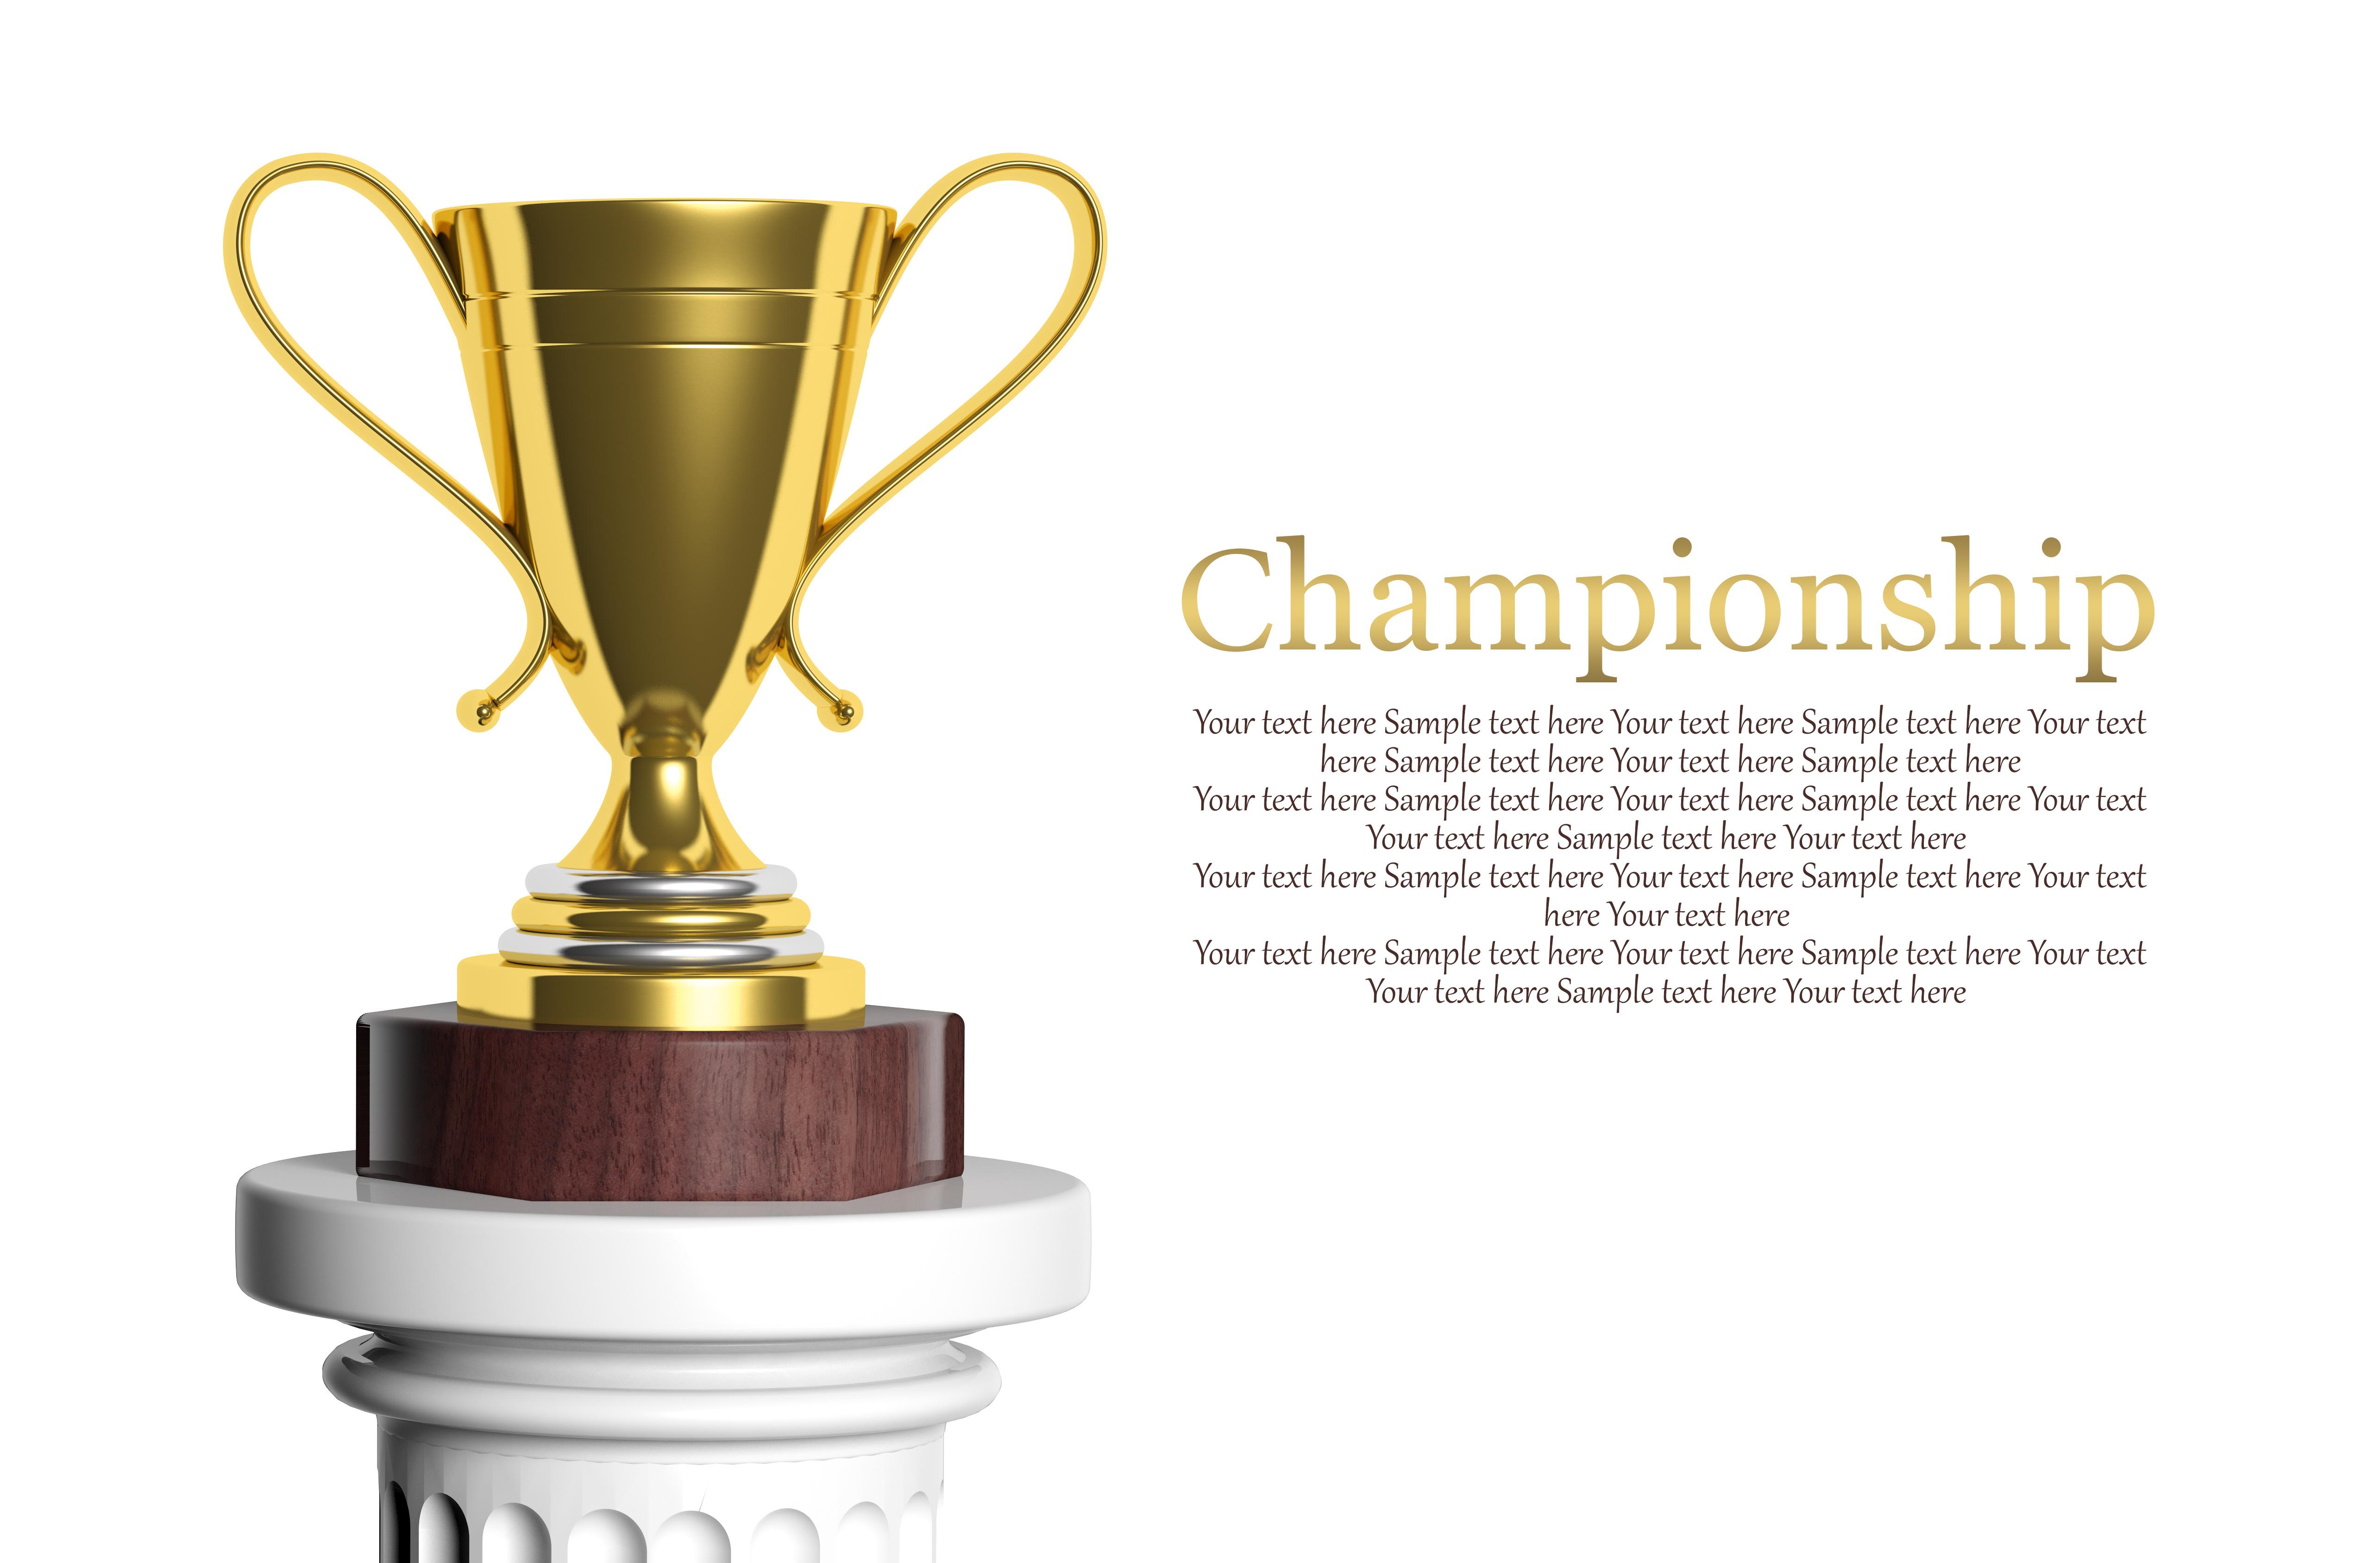 虎科大飛機系航空電子組李榮全教授帶領團隊獲得2020 iWorld世界發明競賽特別獎及兩面金牌-5G